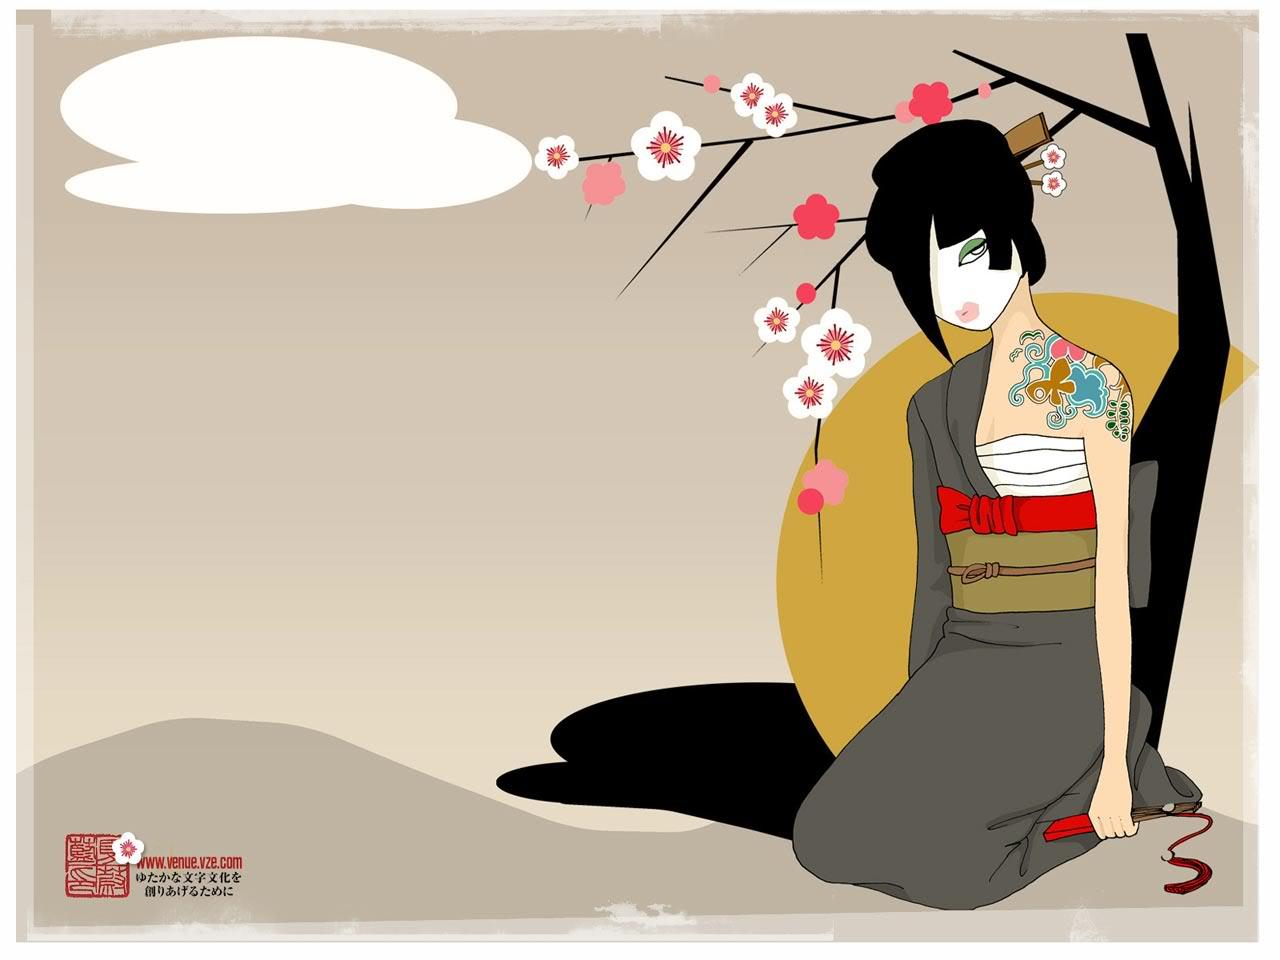 Wallpapers de Geishas   Taringa 1280x960